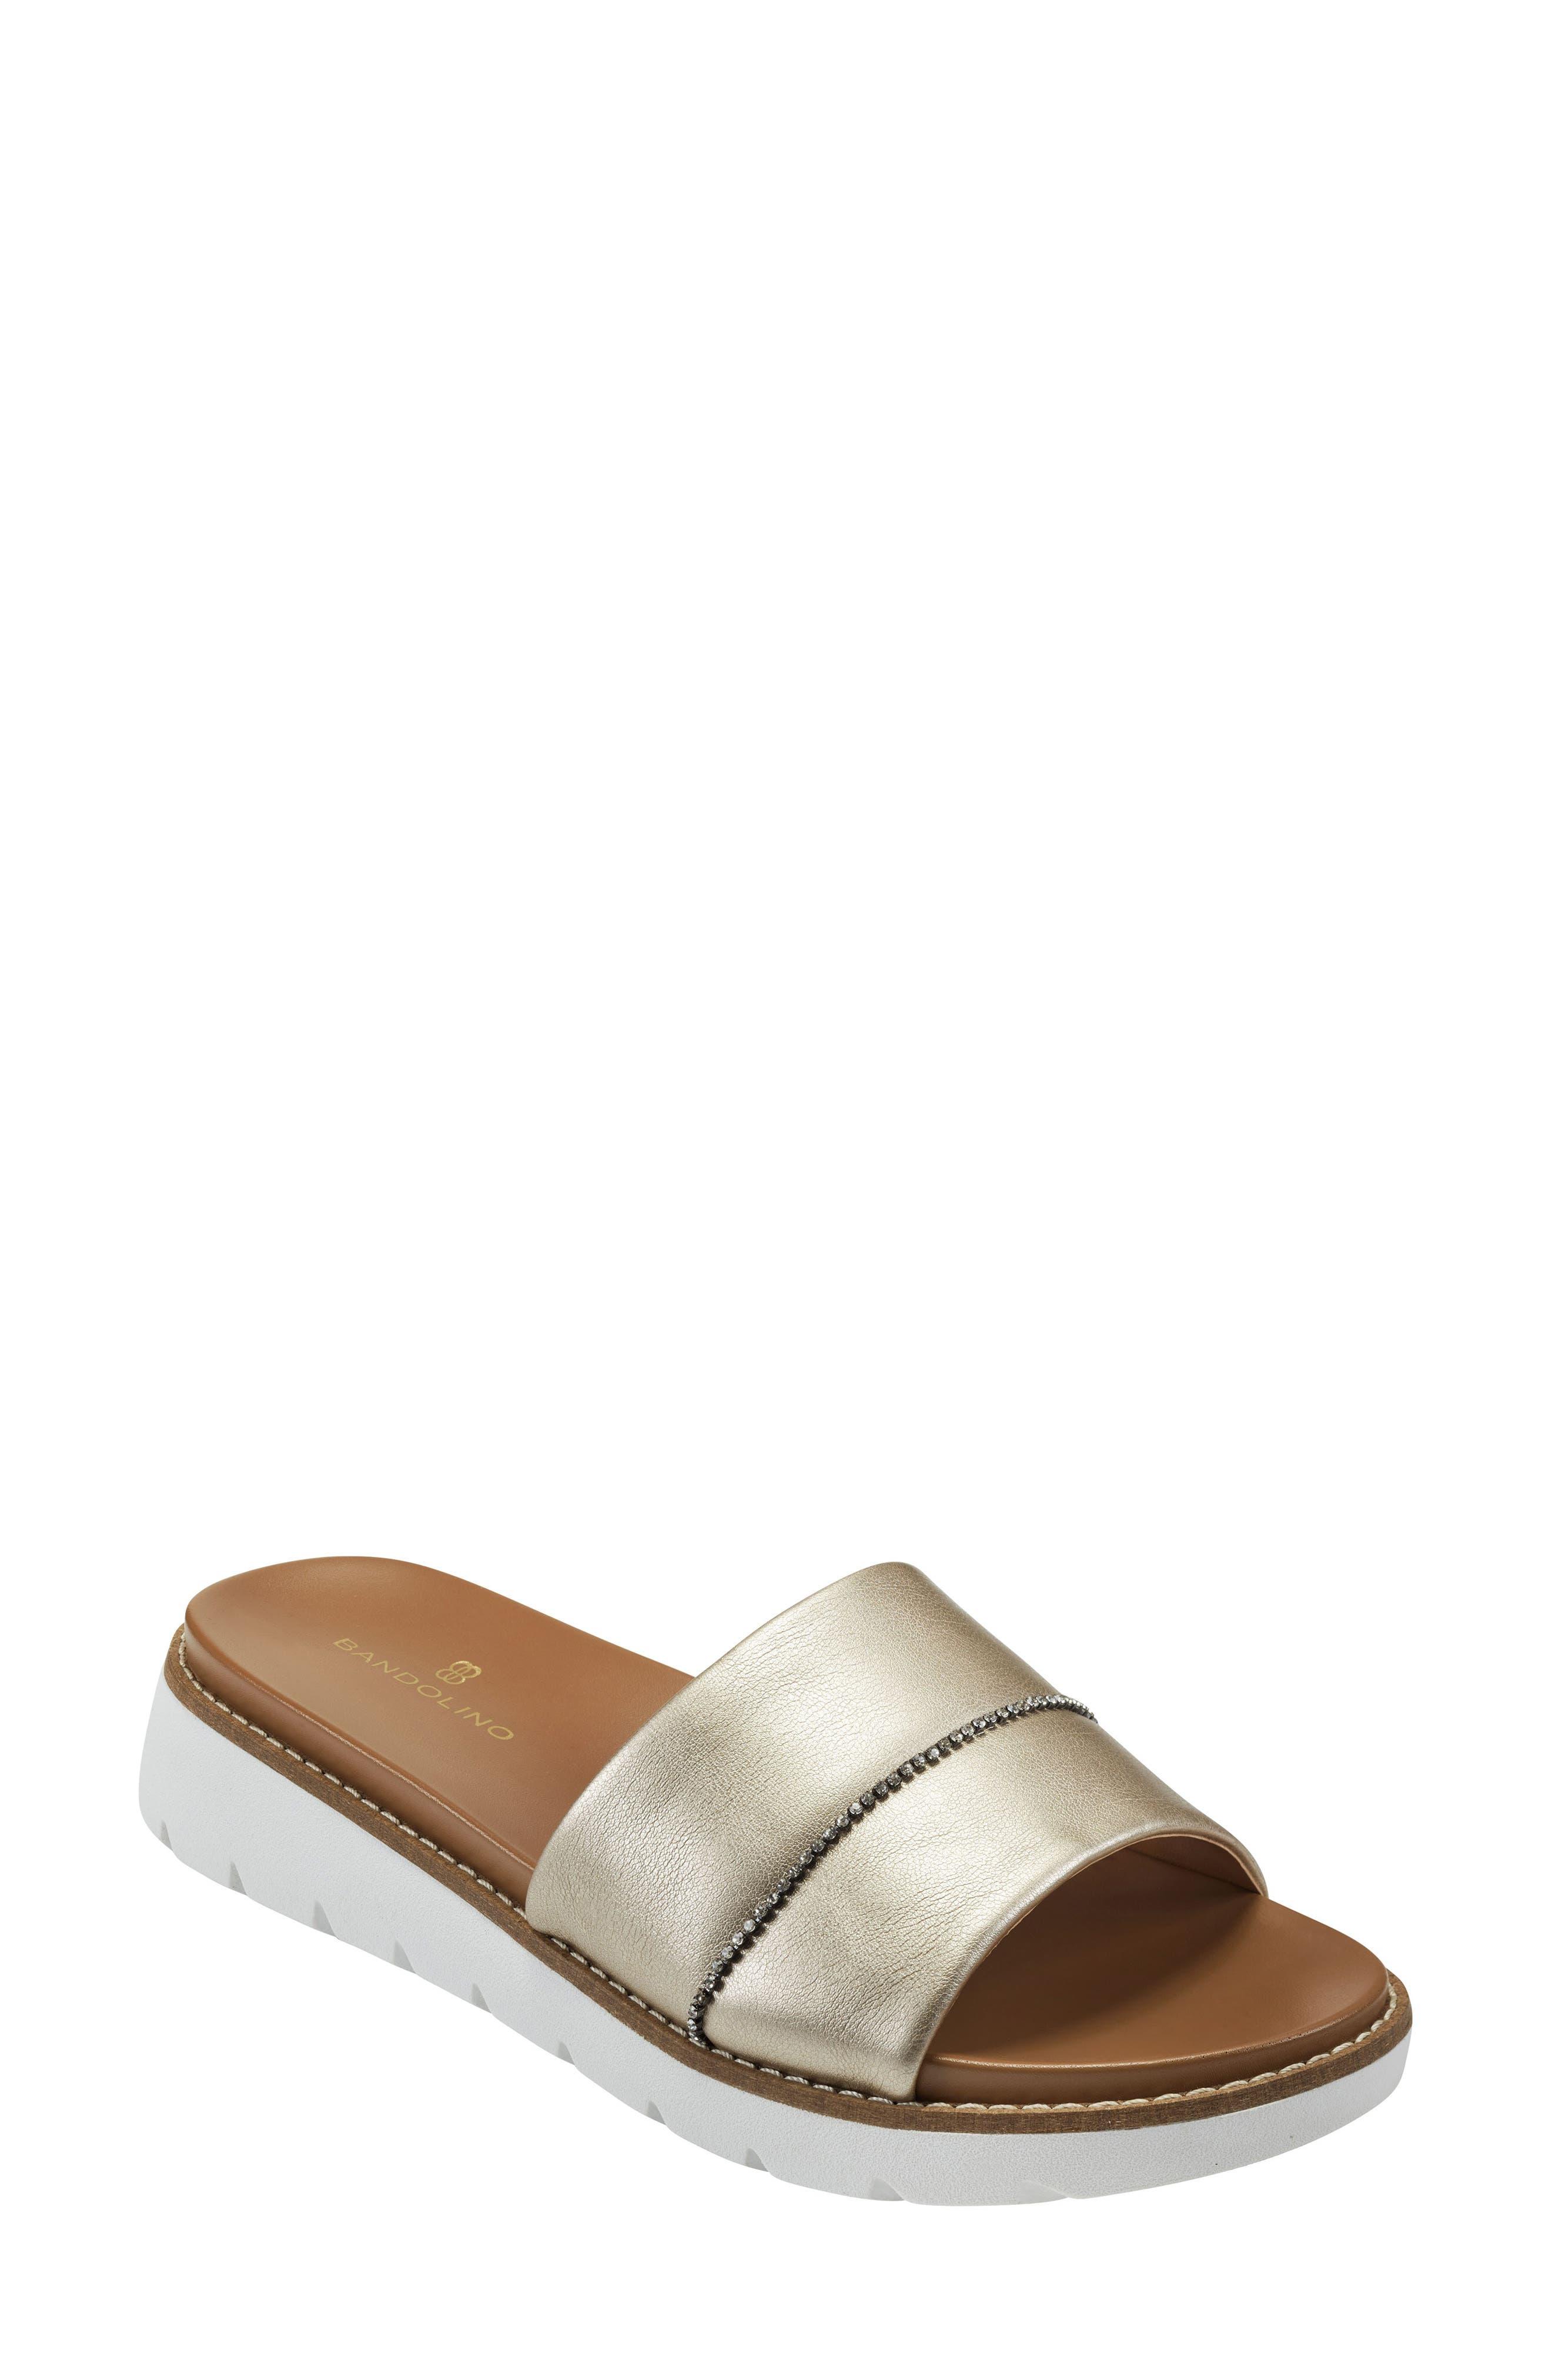 Aubree Slide Sandal